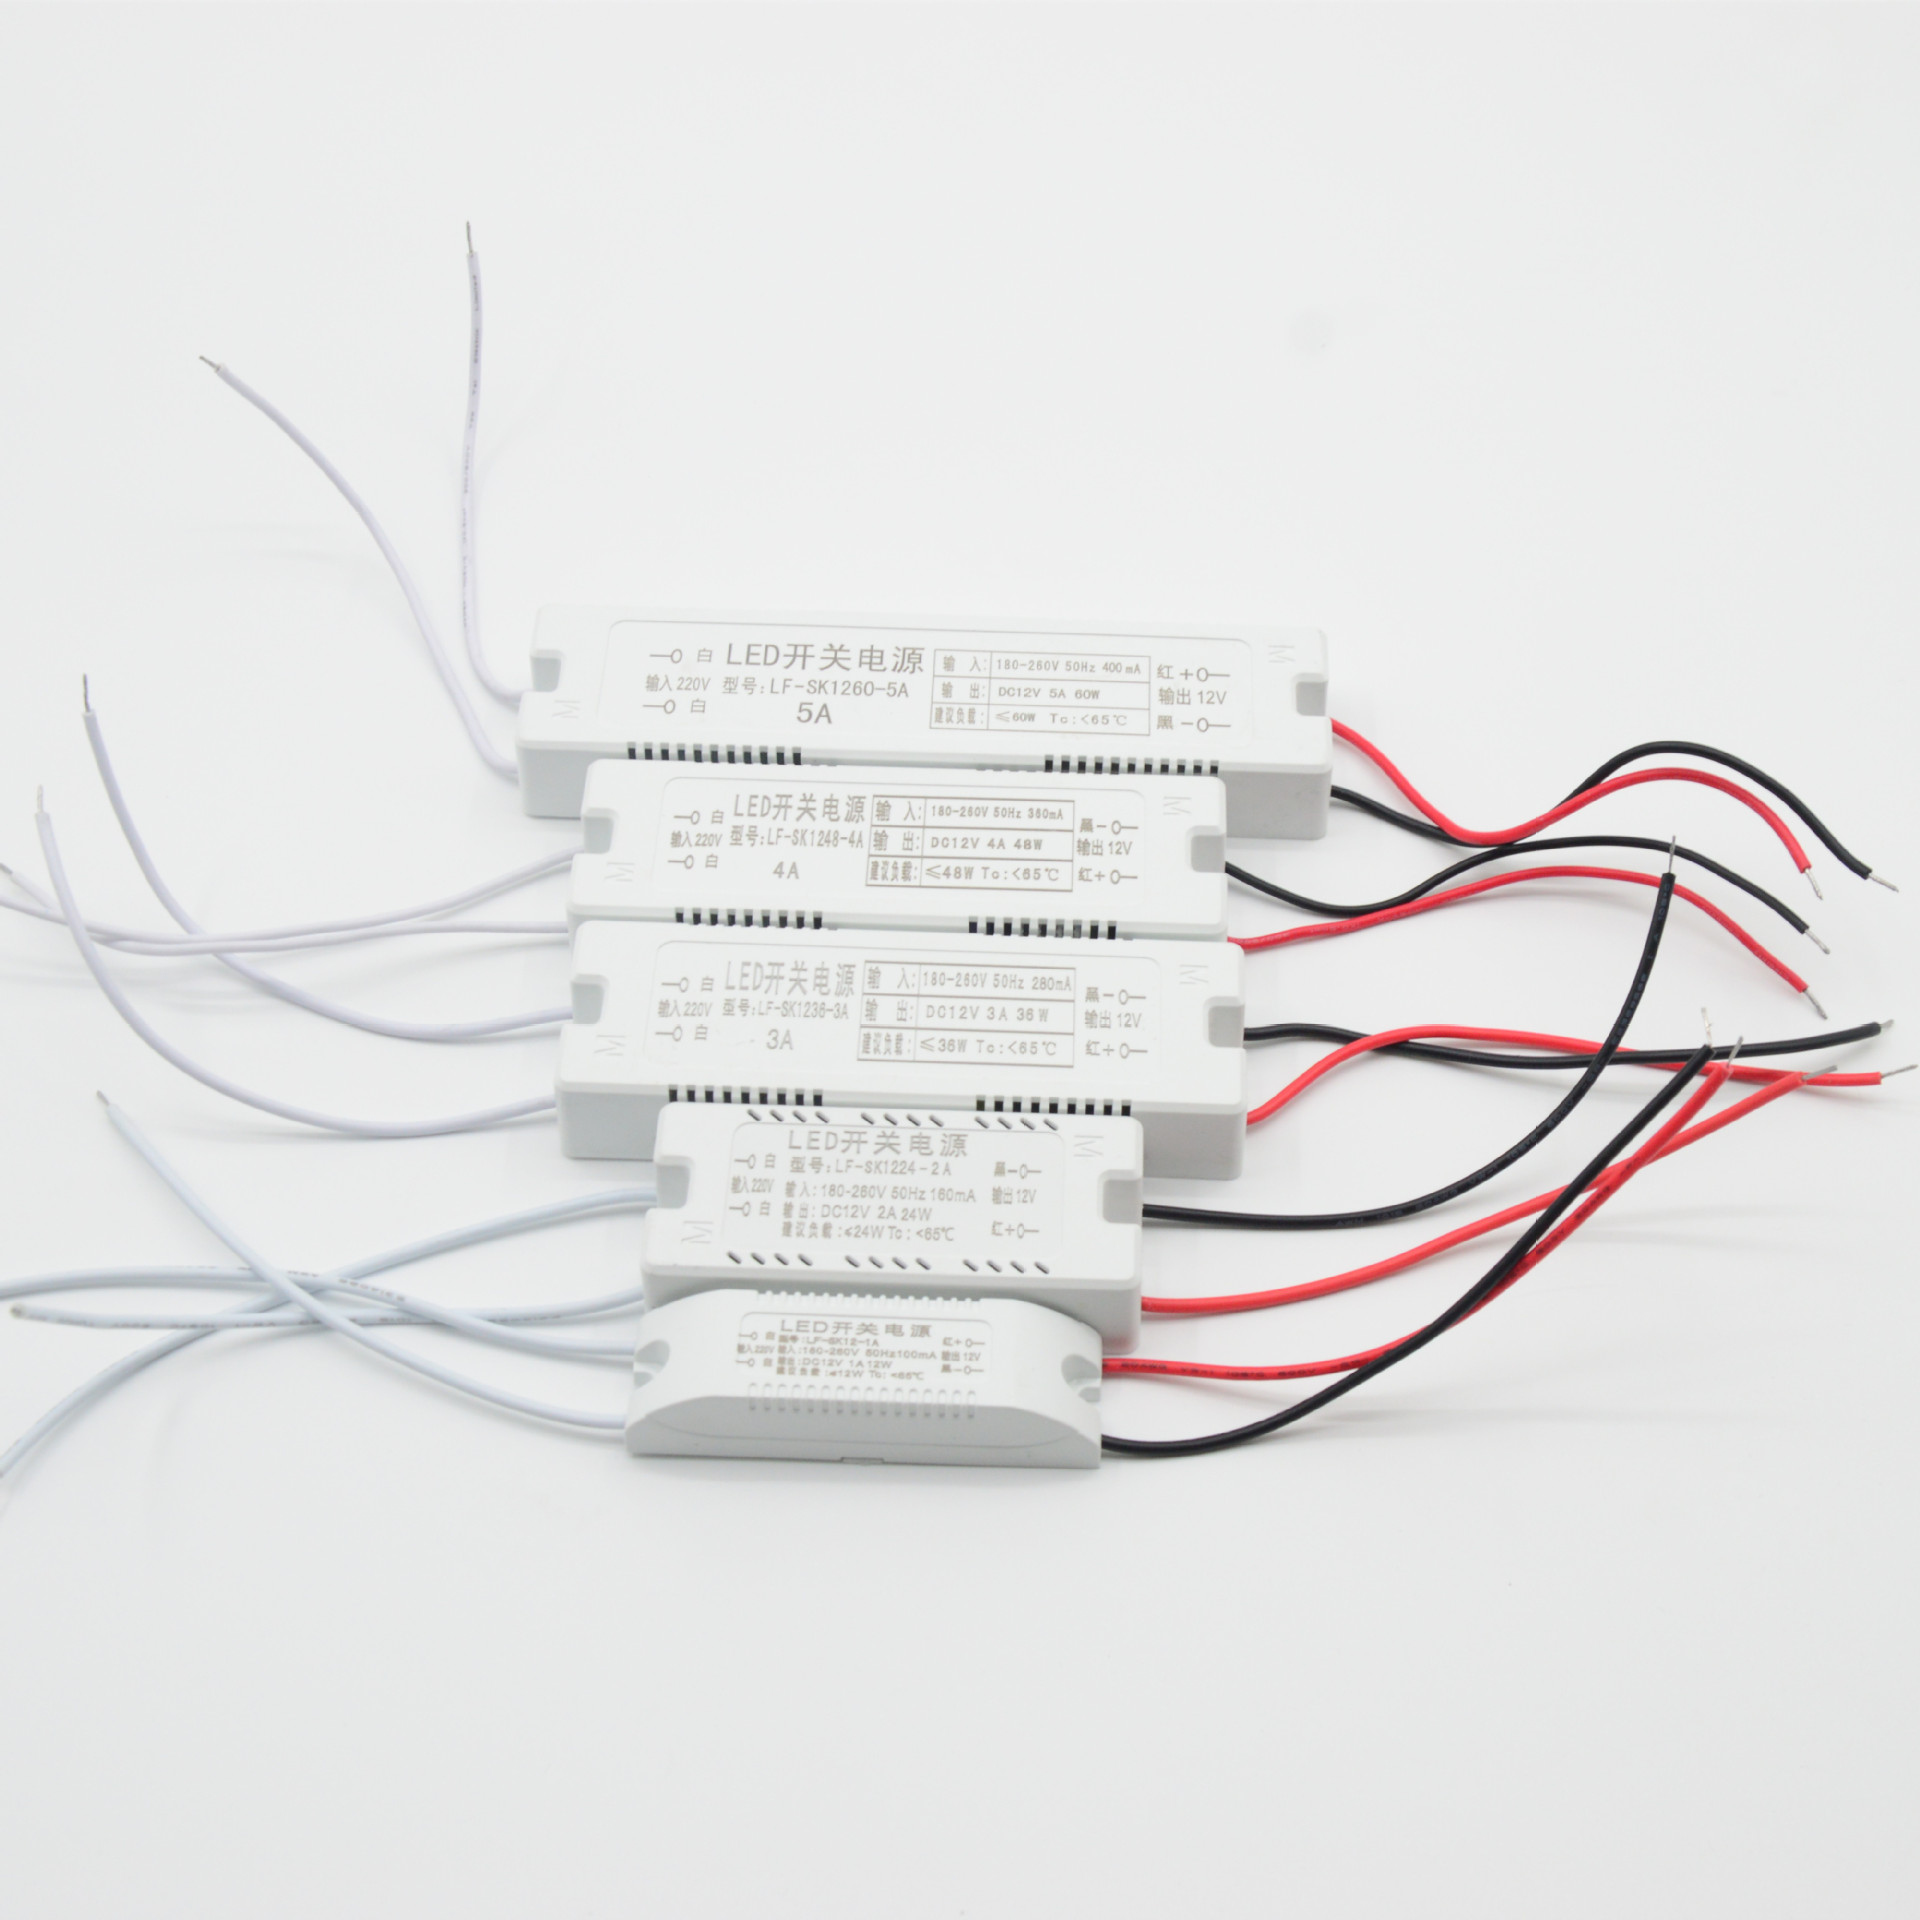 LED Power Supply DC12V/24V 12W 18W 24W 36W 48W 60W 72W Lighting Transformers AC110-220V Driver For LED Strips